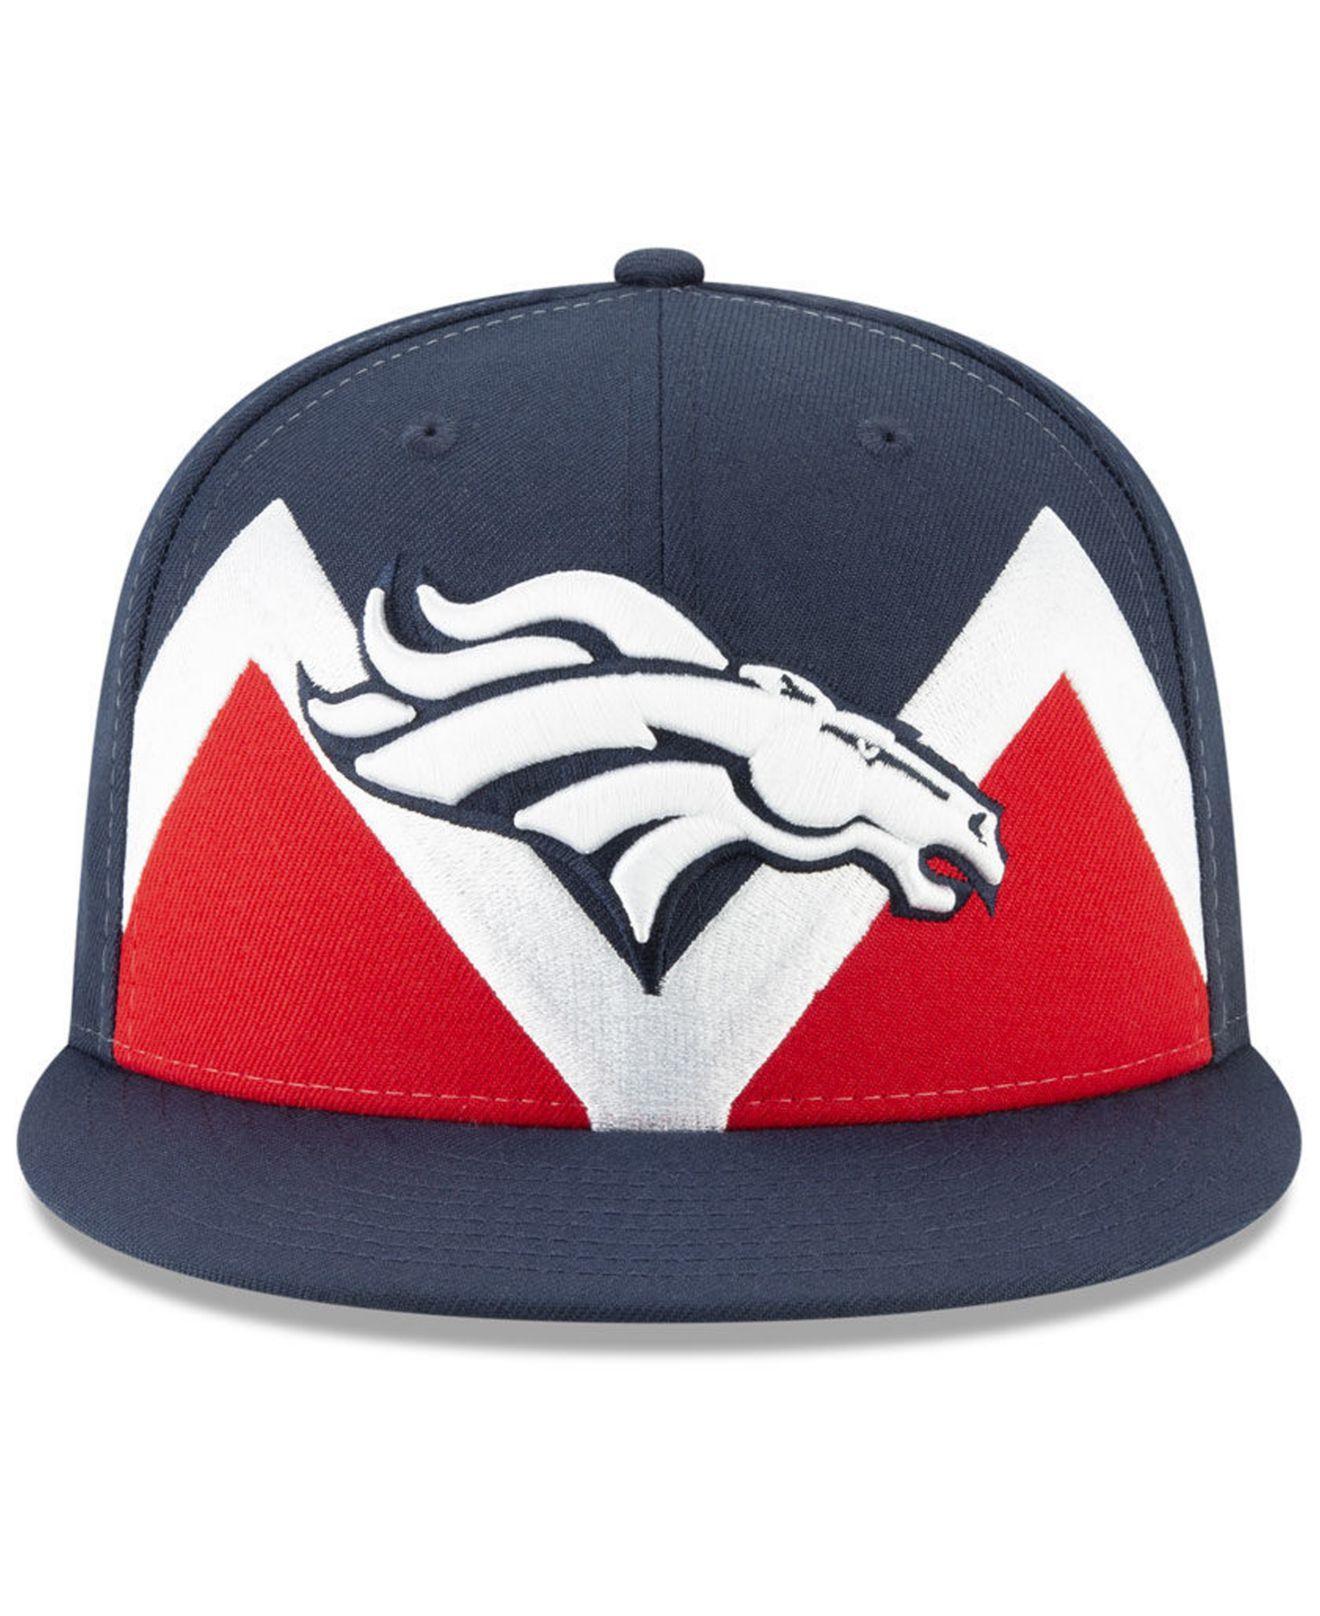 1f37227f Lyst - KTZ Denver Broncos Draft Spotlight 9fifty Snapback Cap in ...